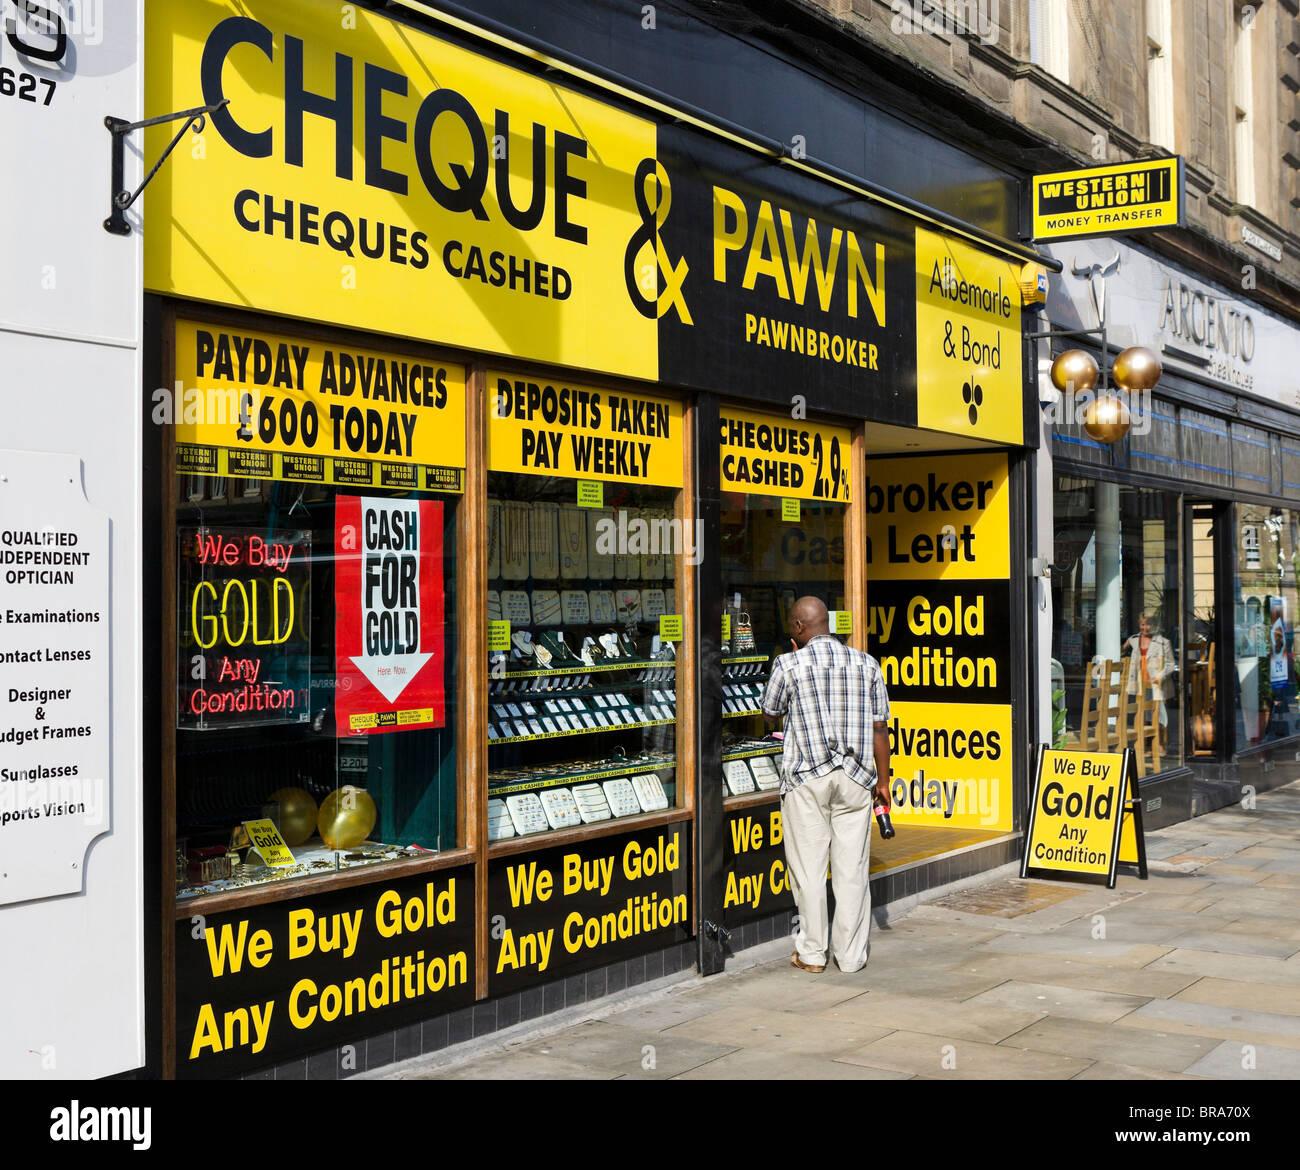 Albermarle & Bond pawnbrokers shop, Huddersfield, West Yorkshire, England, UK - Stock Image